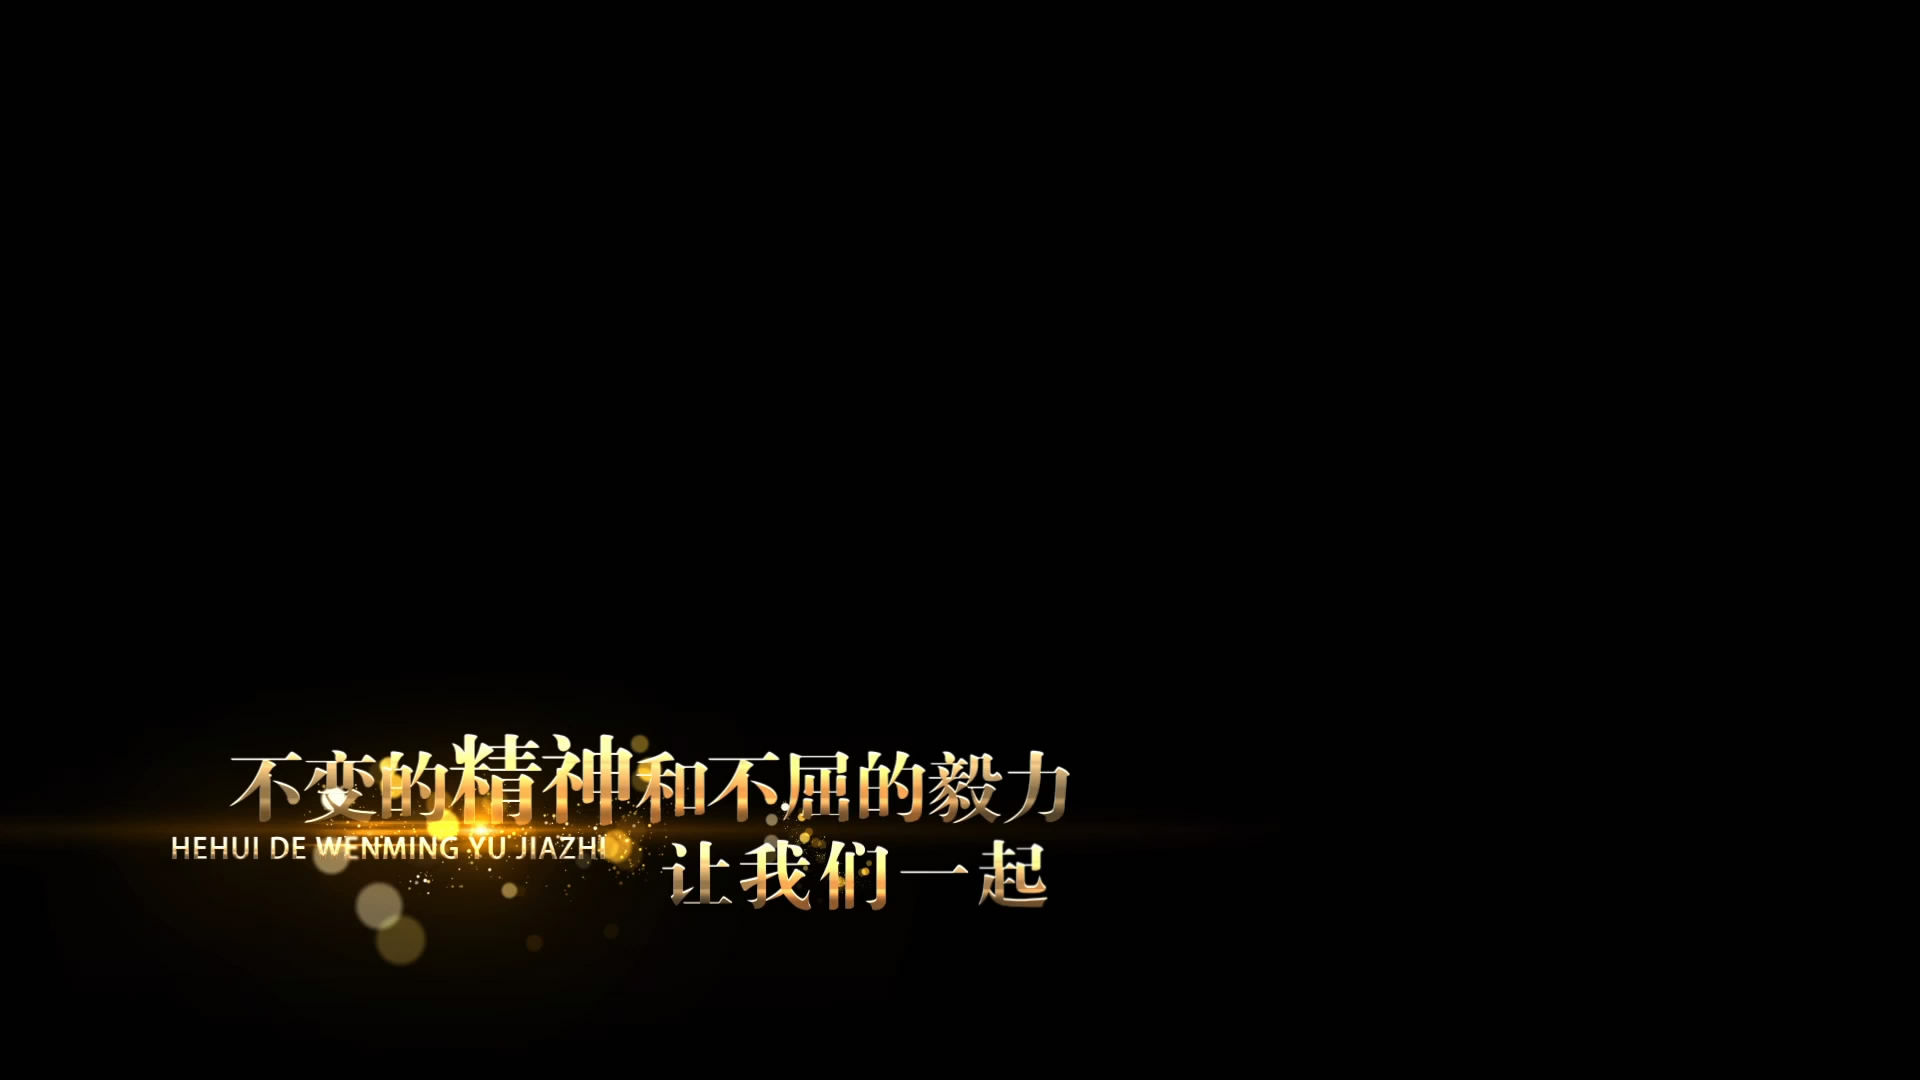 金色粒子字幕